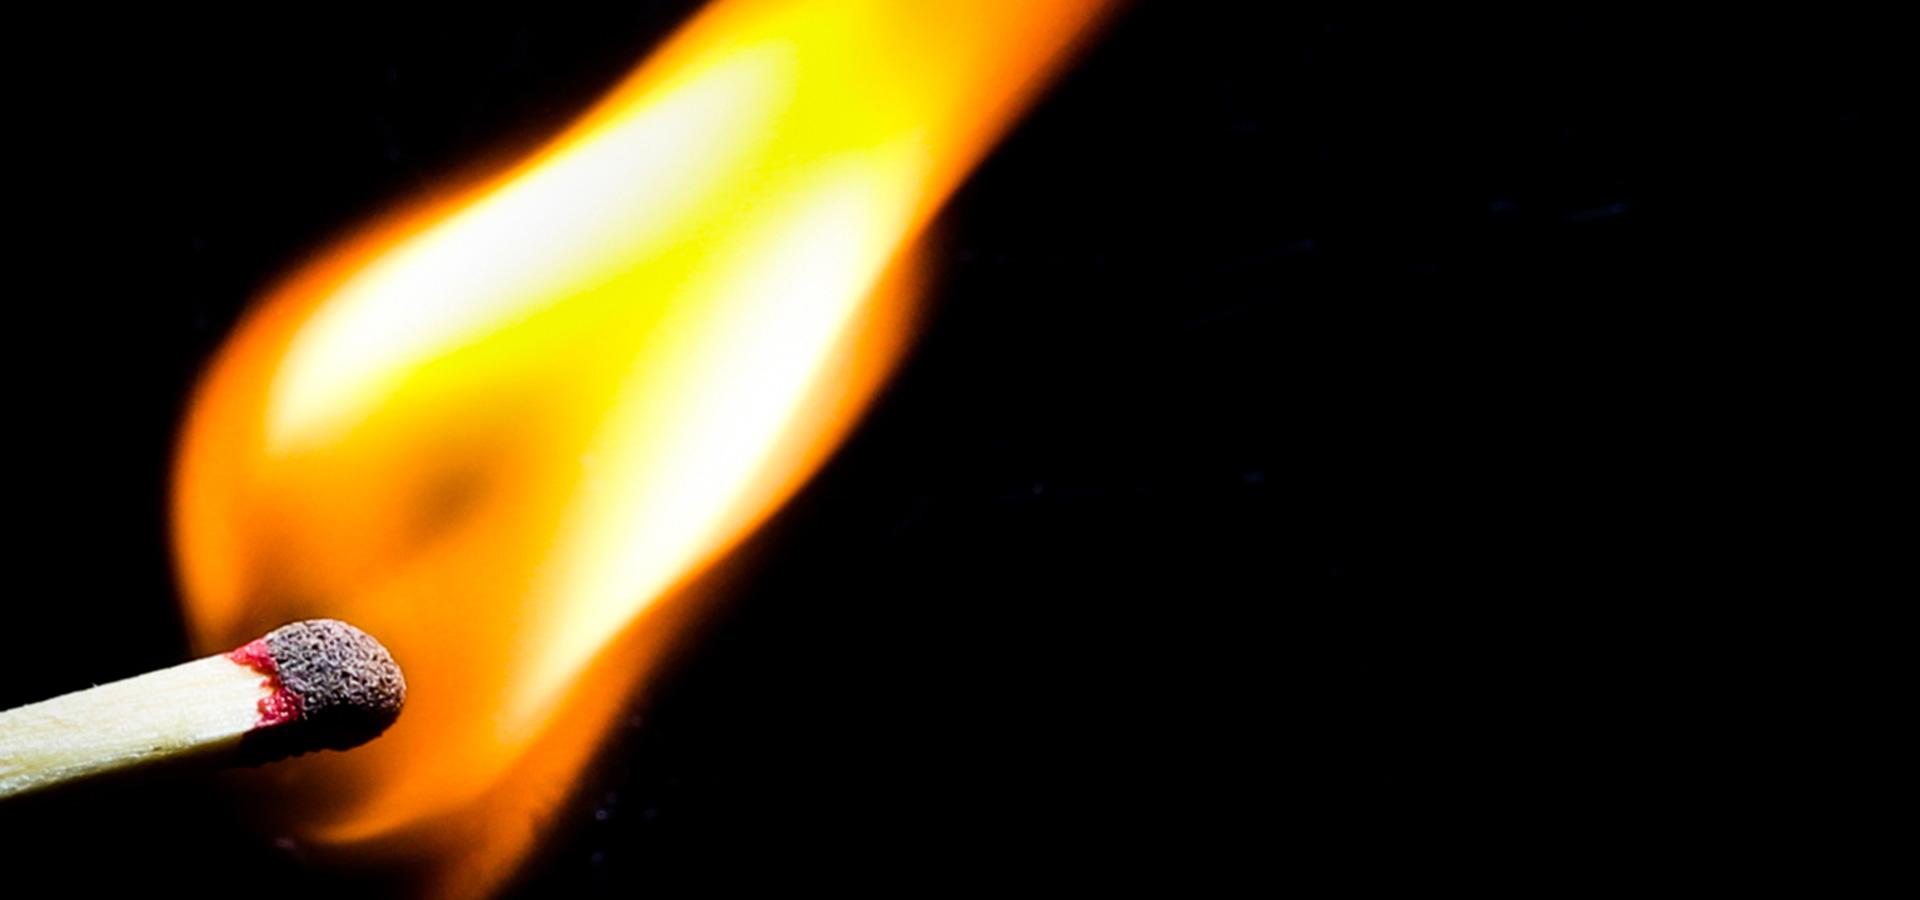 Hulpmiddelen tegen brand